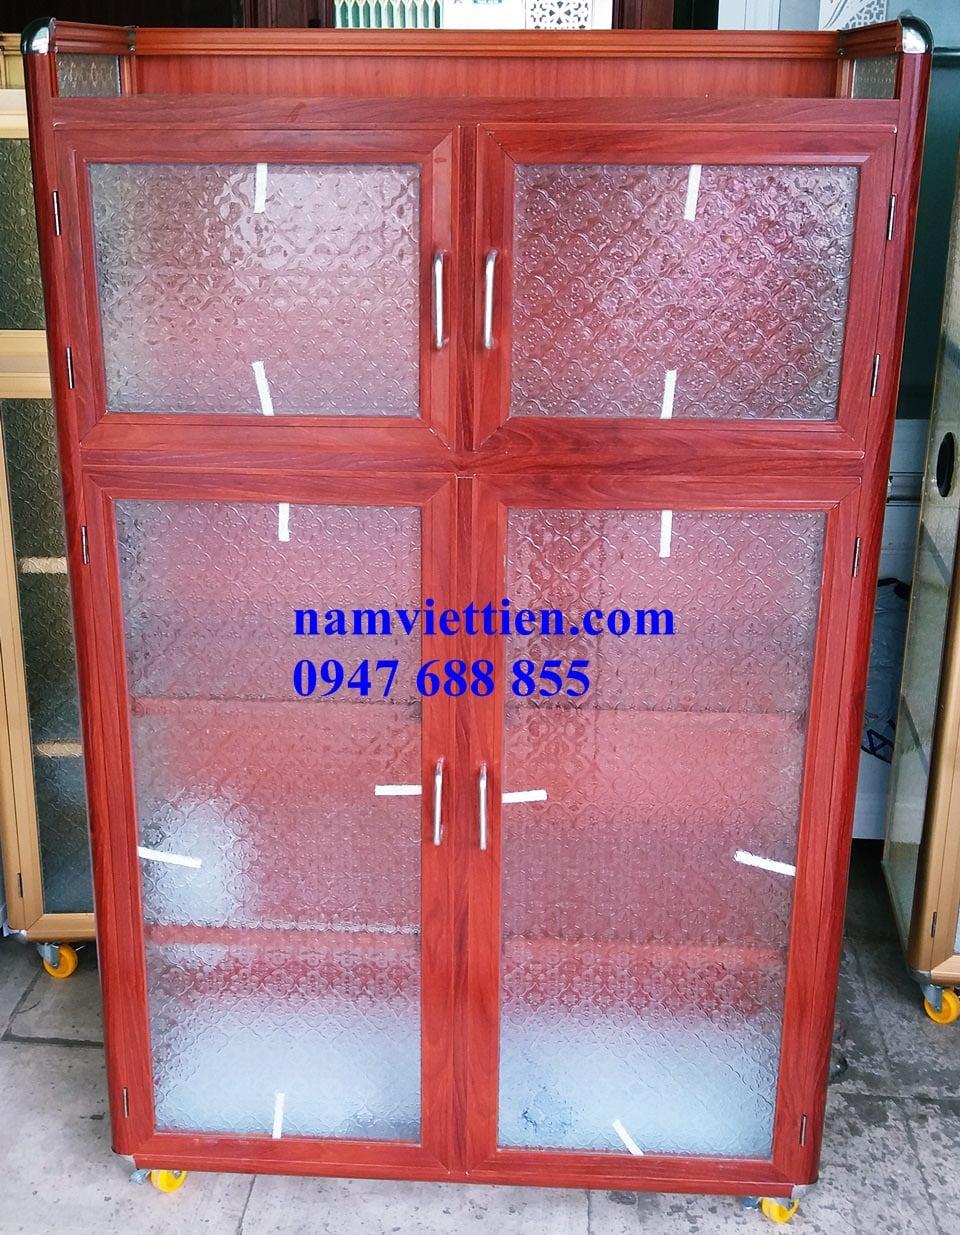 20170903 160521 - Các loại tủ đựng chén nhôm kính giá rẻ